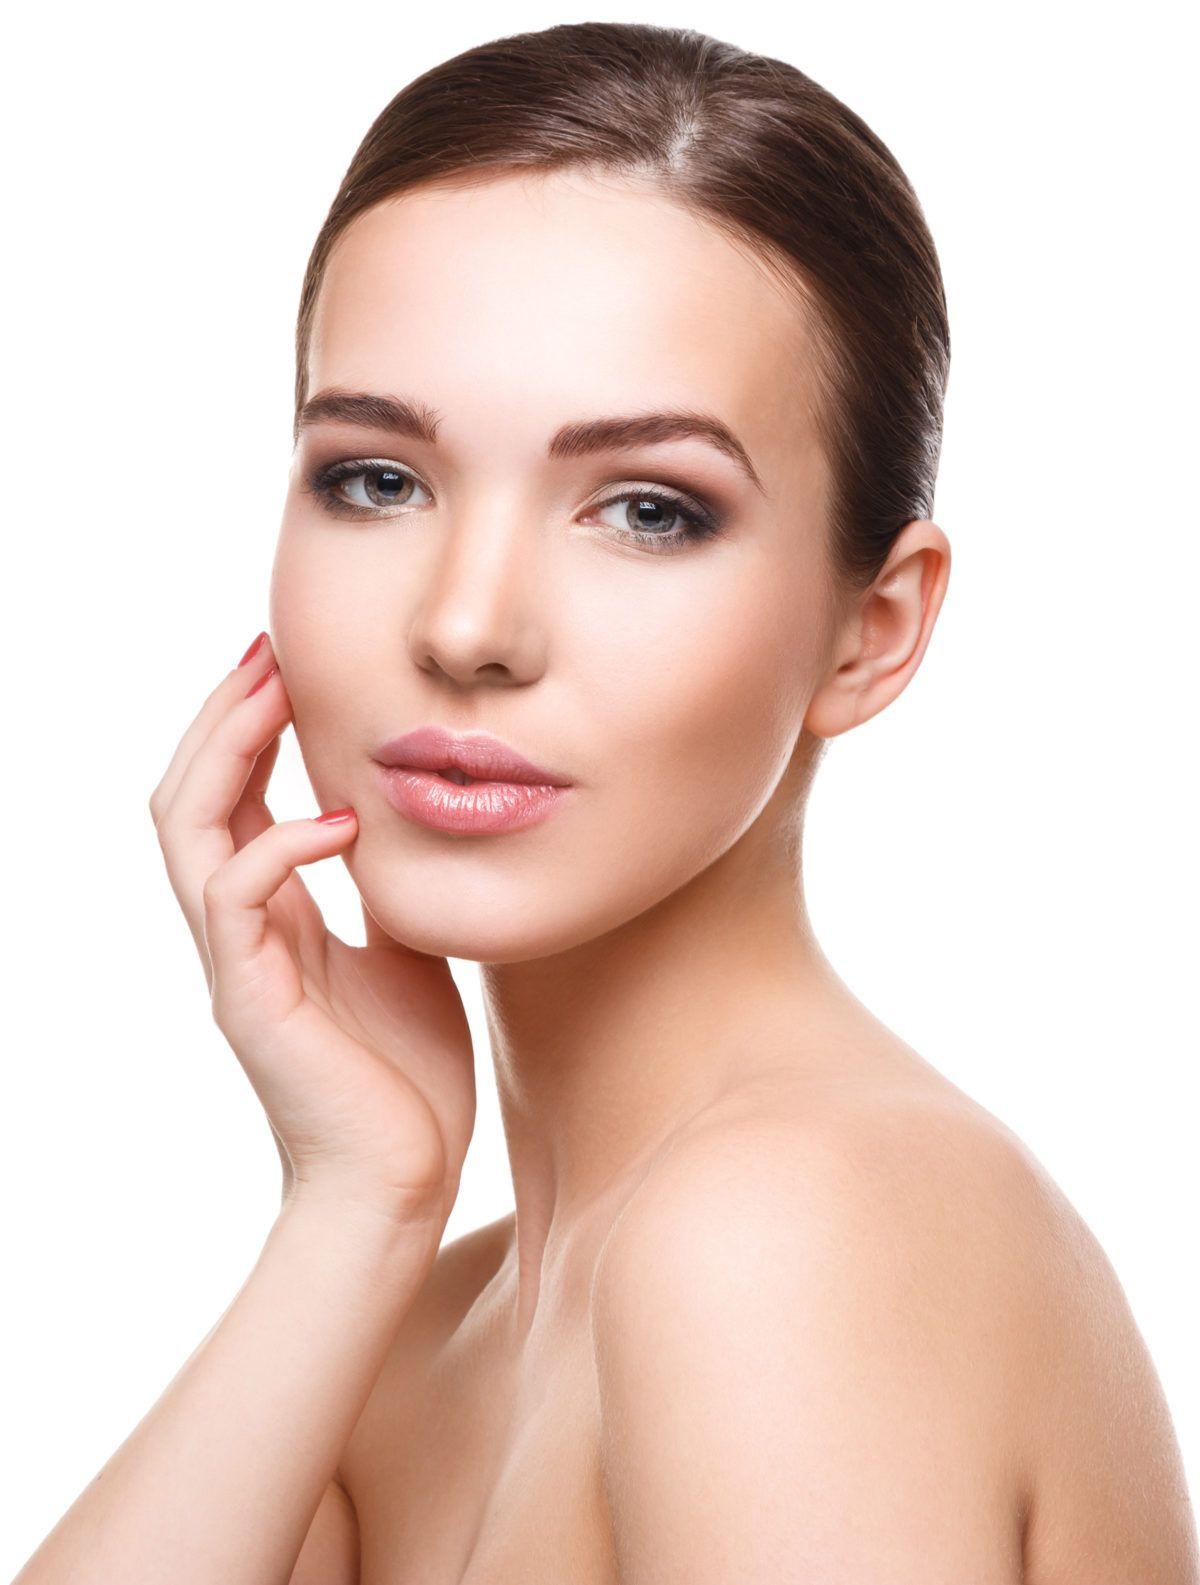 Идеи на тему «Косметология Одесса» (10)   косметология, озонотерапия,  косметолог